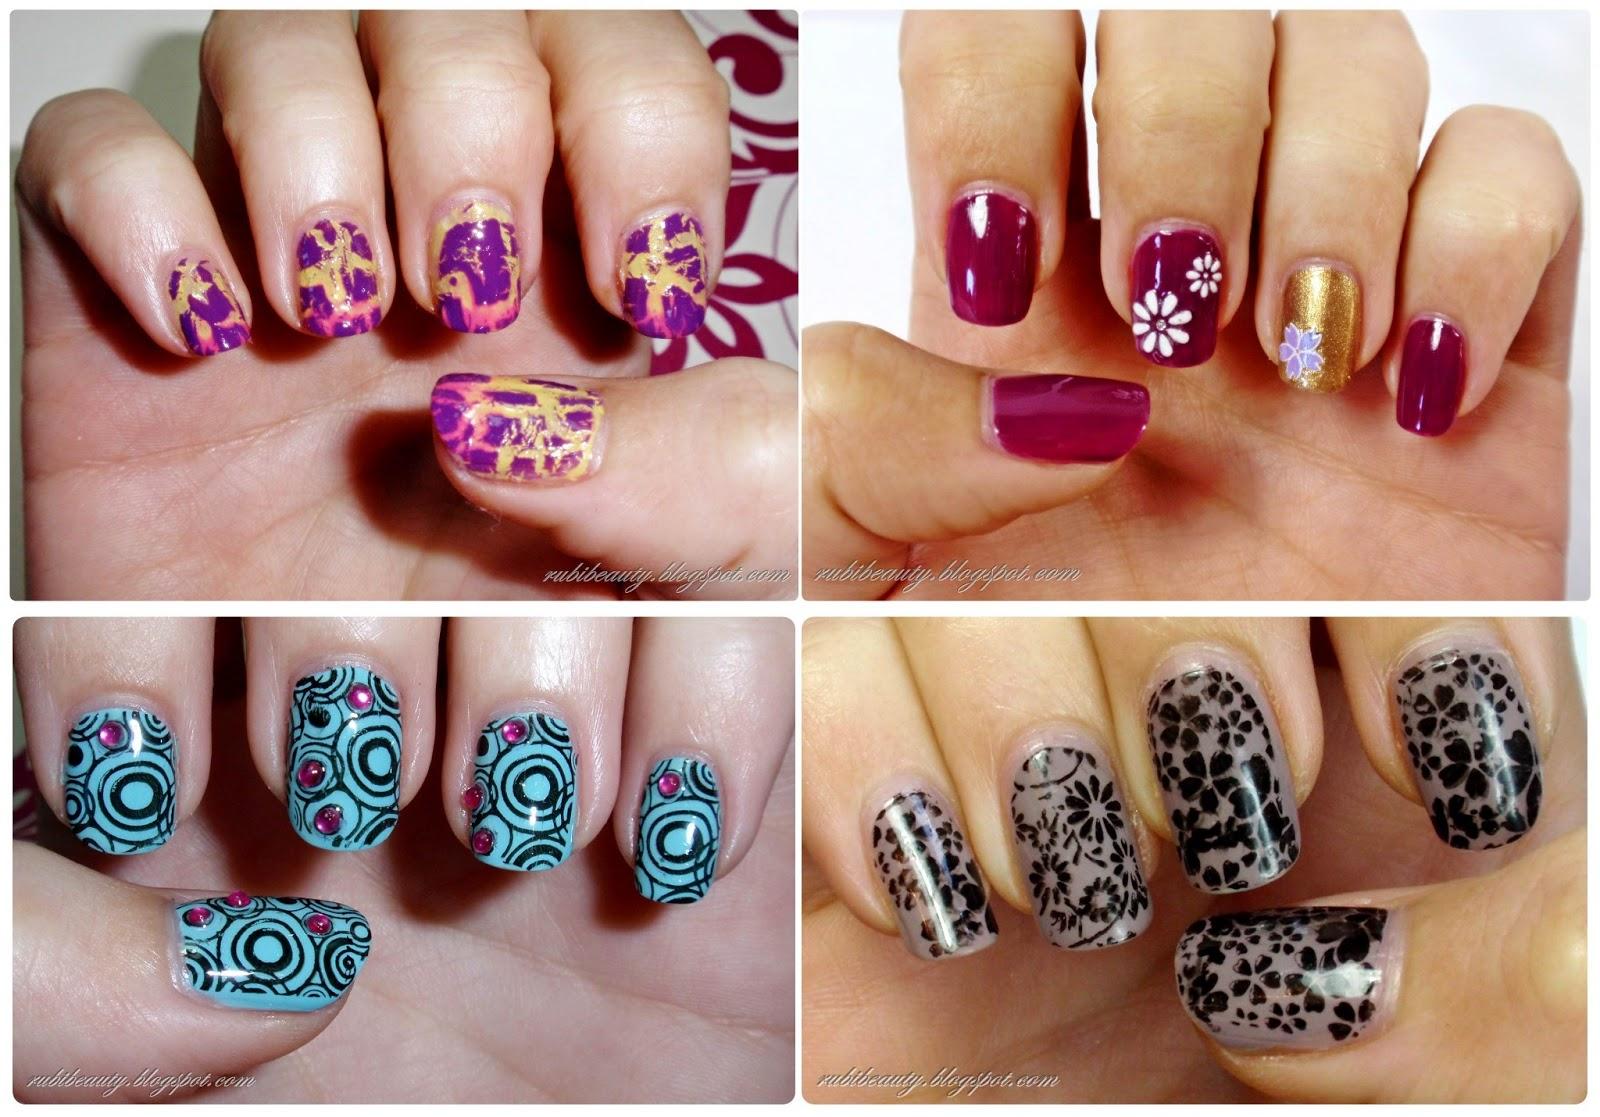 rubibeauty nail art dise os variados de u as vol 2. Black Bedroom Furniture Sets. Home Design Ideas